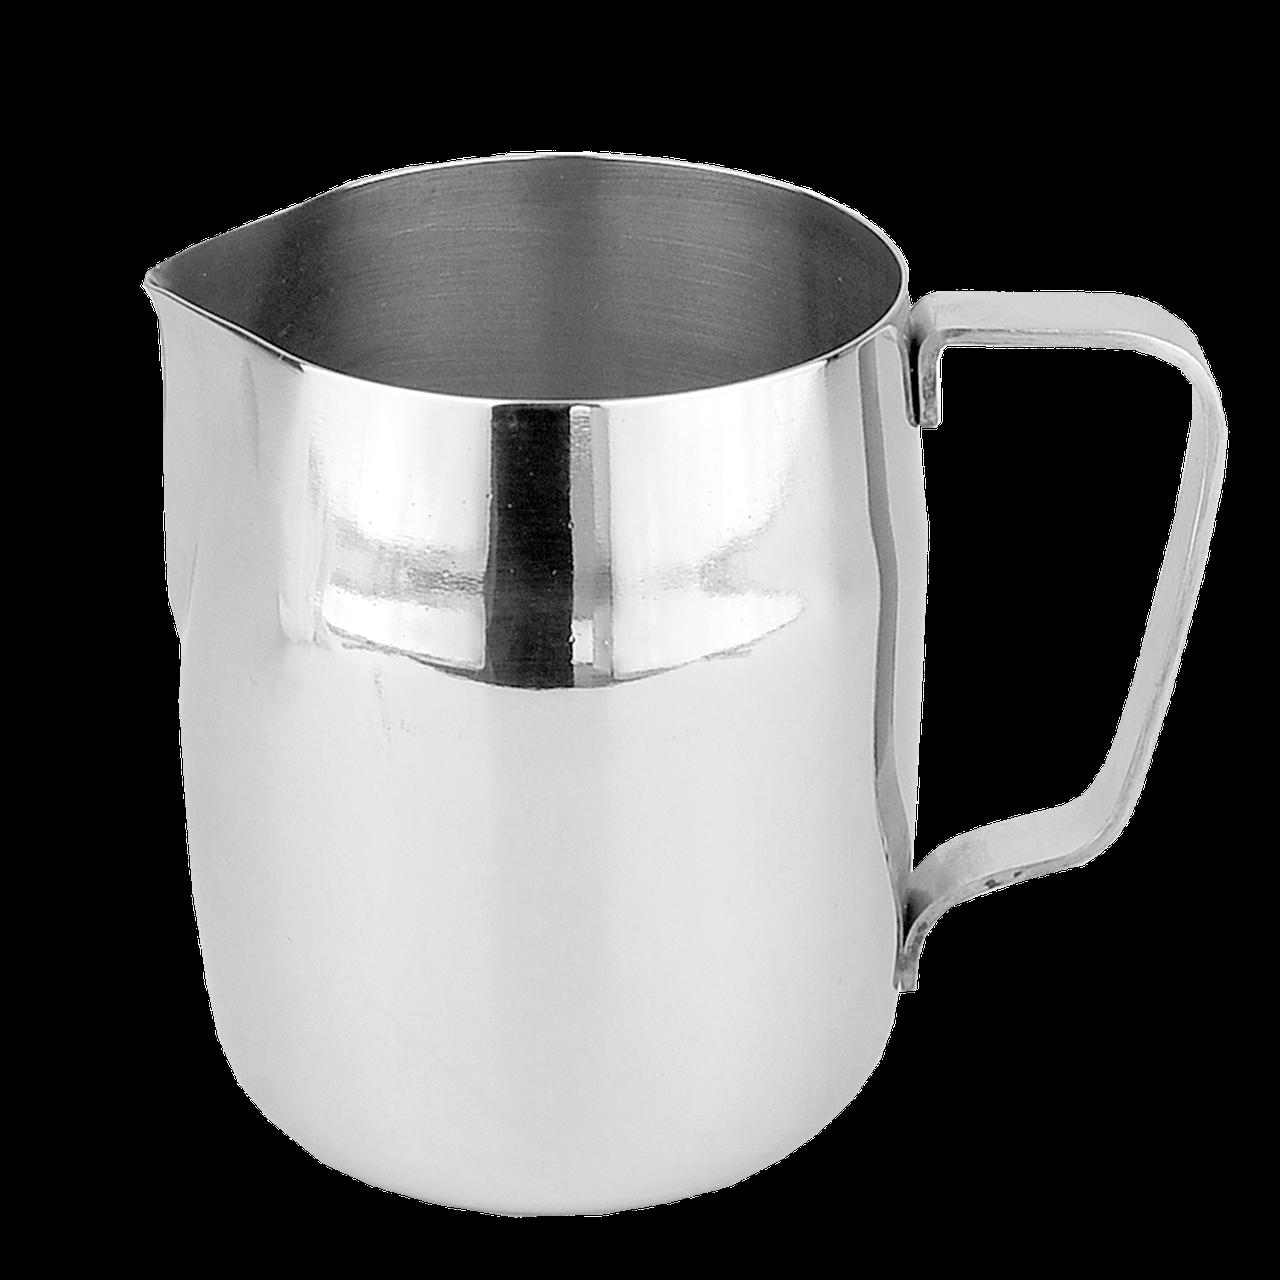 3 причины купить всё для кофейни в магазине «PETROVKA-HoReCa»